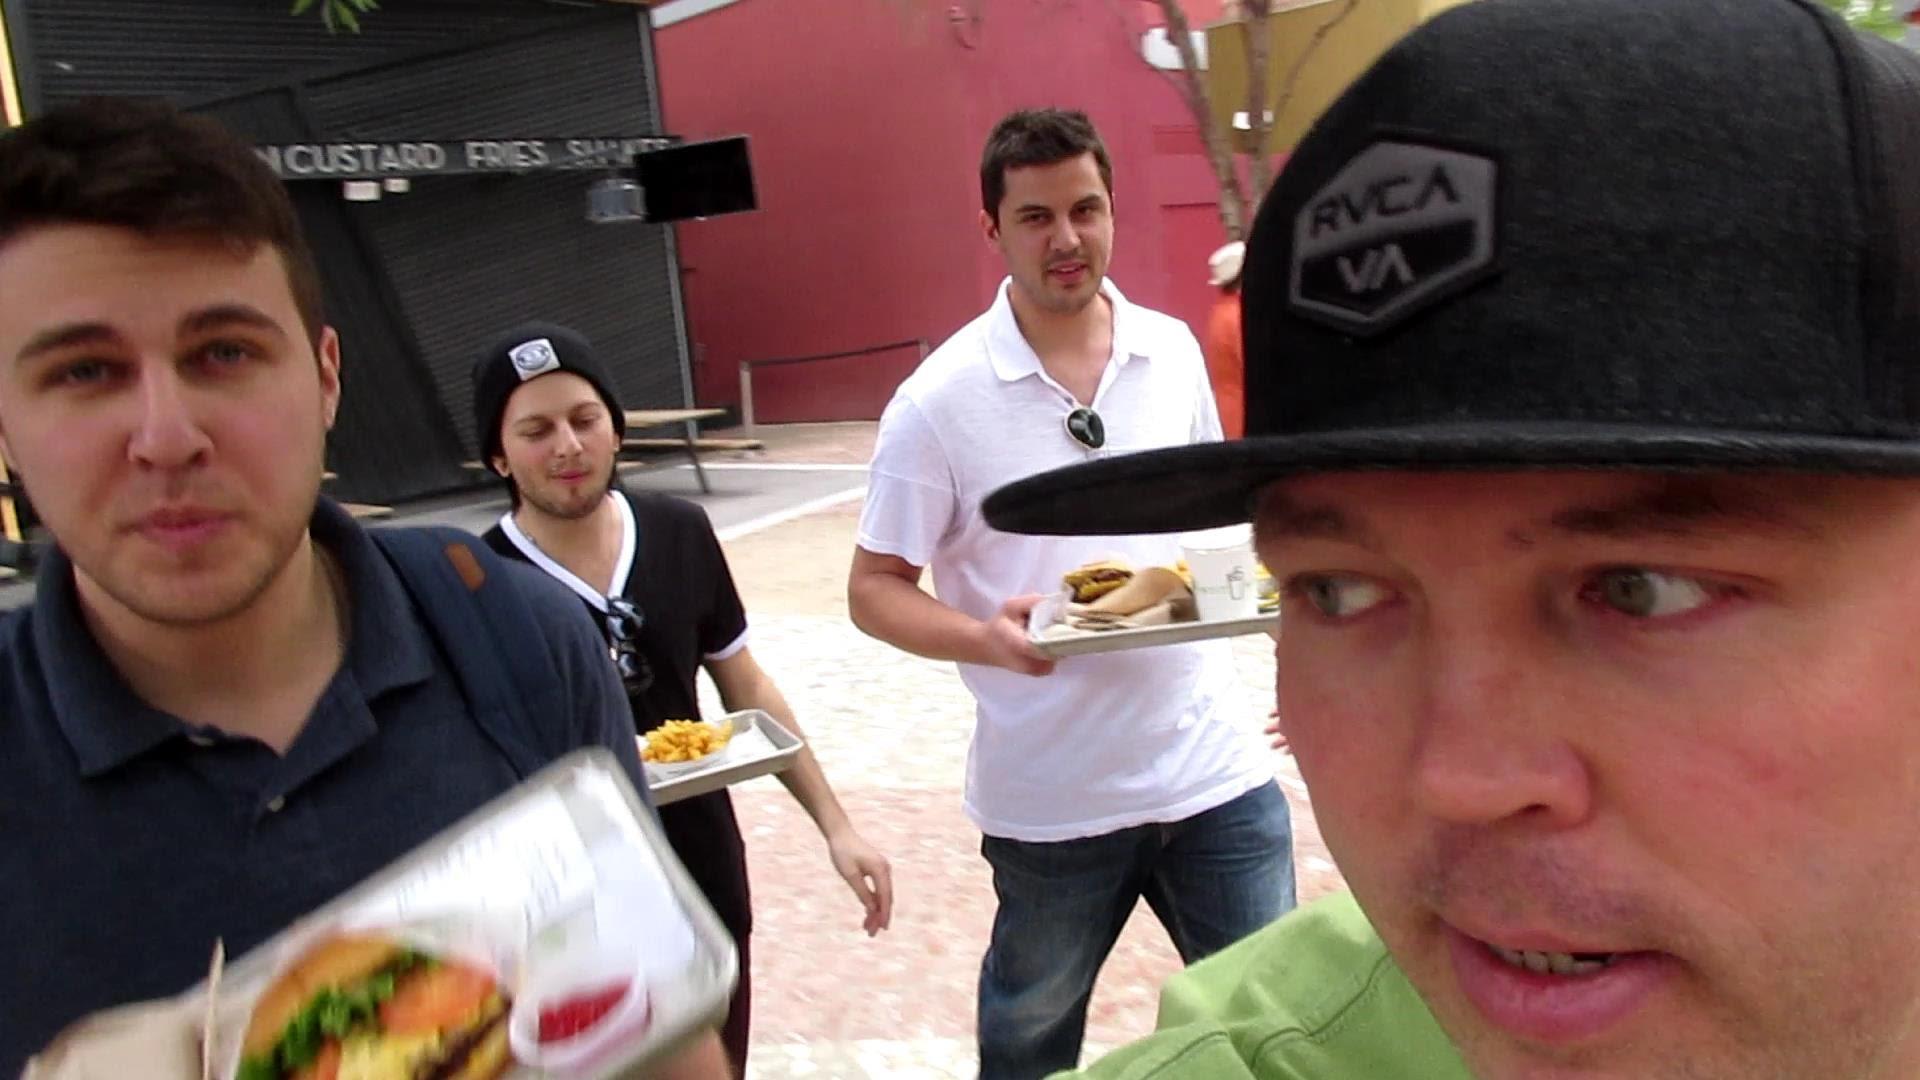 TheTrooper97 - Meeting YouTubers in Las Vegas